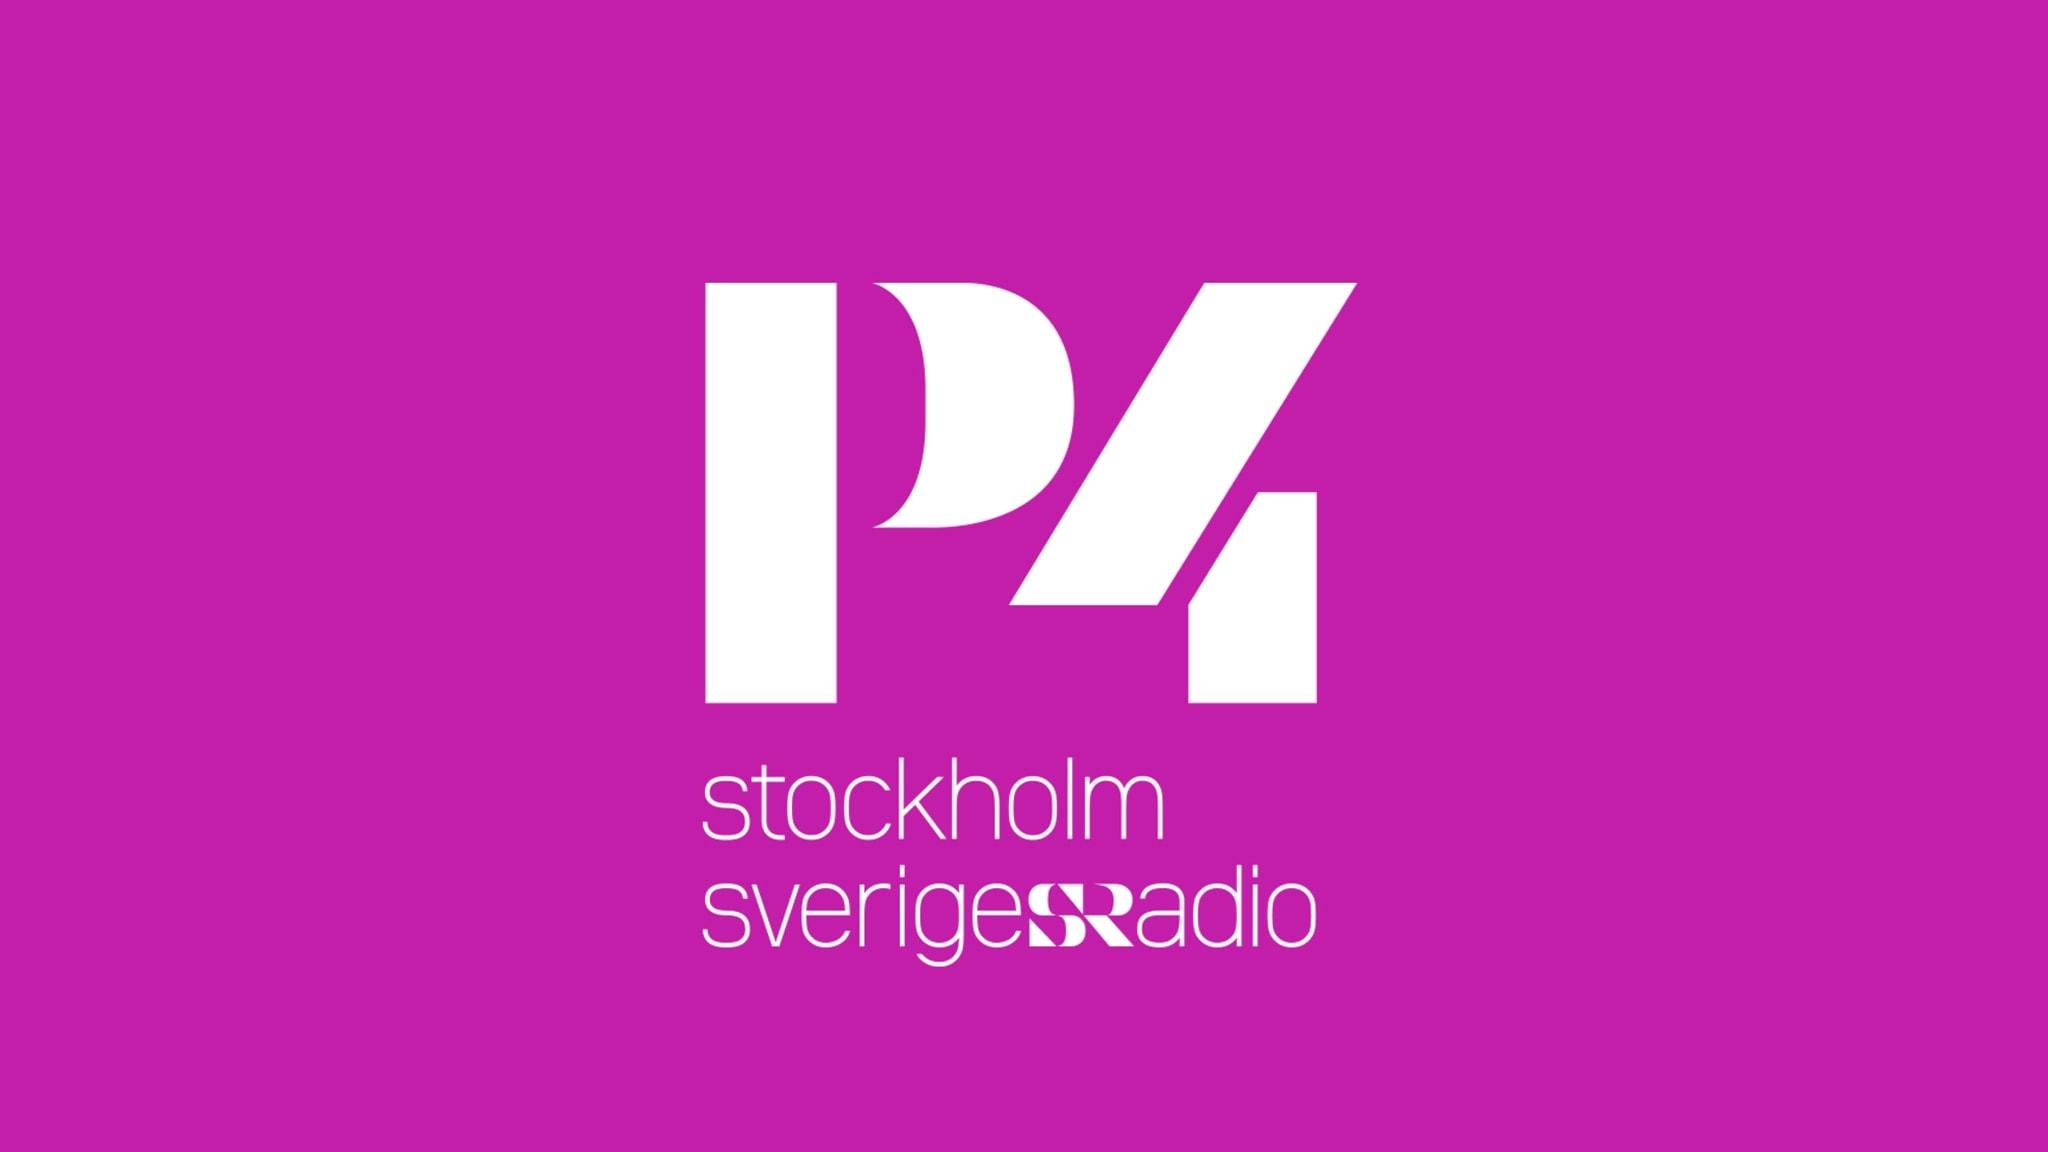 Programbild för P4 Stockholm – kanalflöde